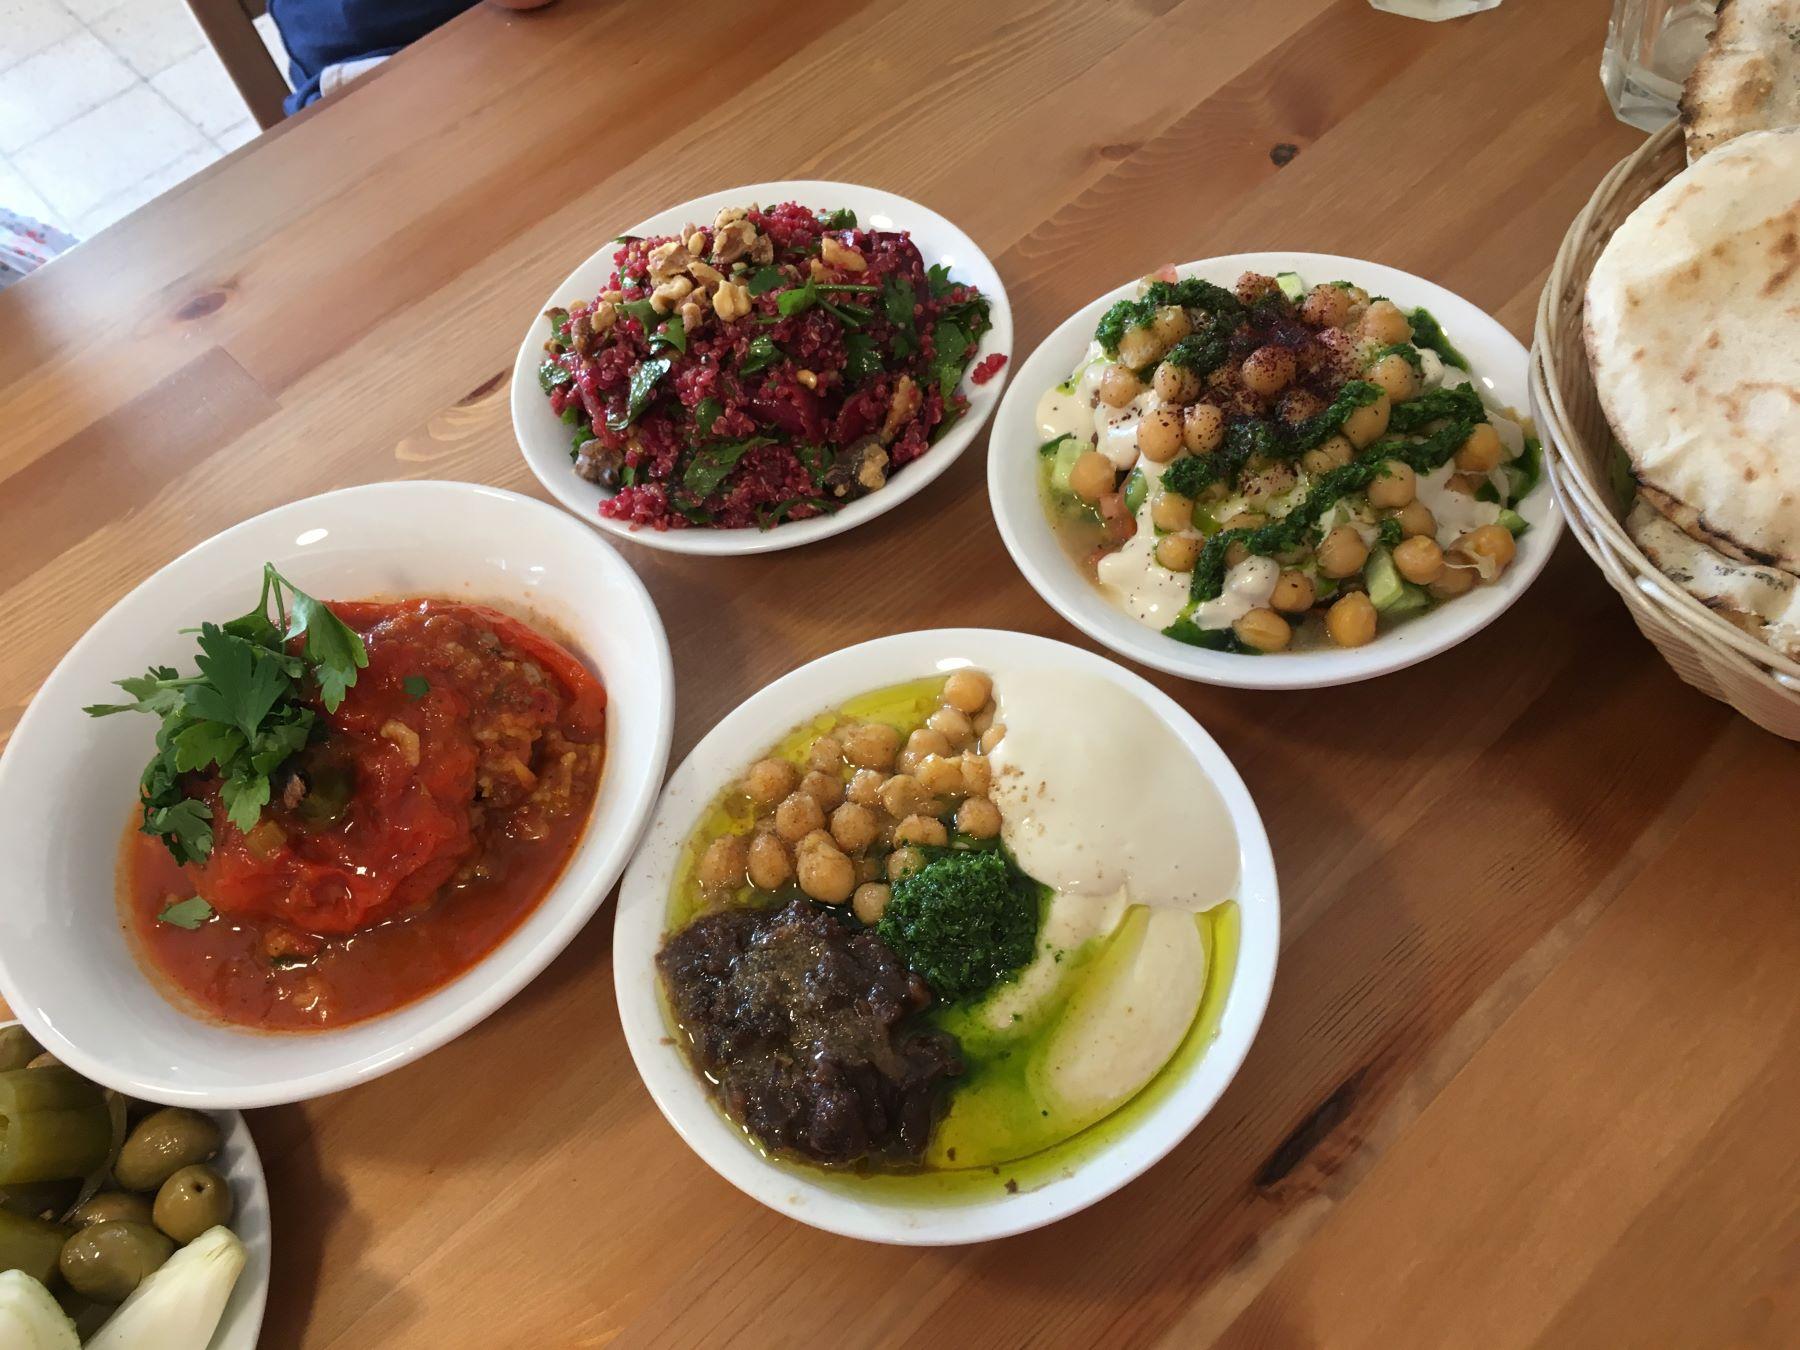 Hummus and salads at Hummus Bardichev